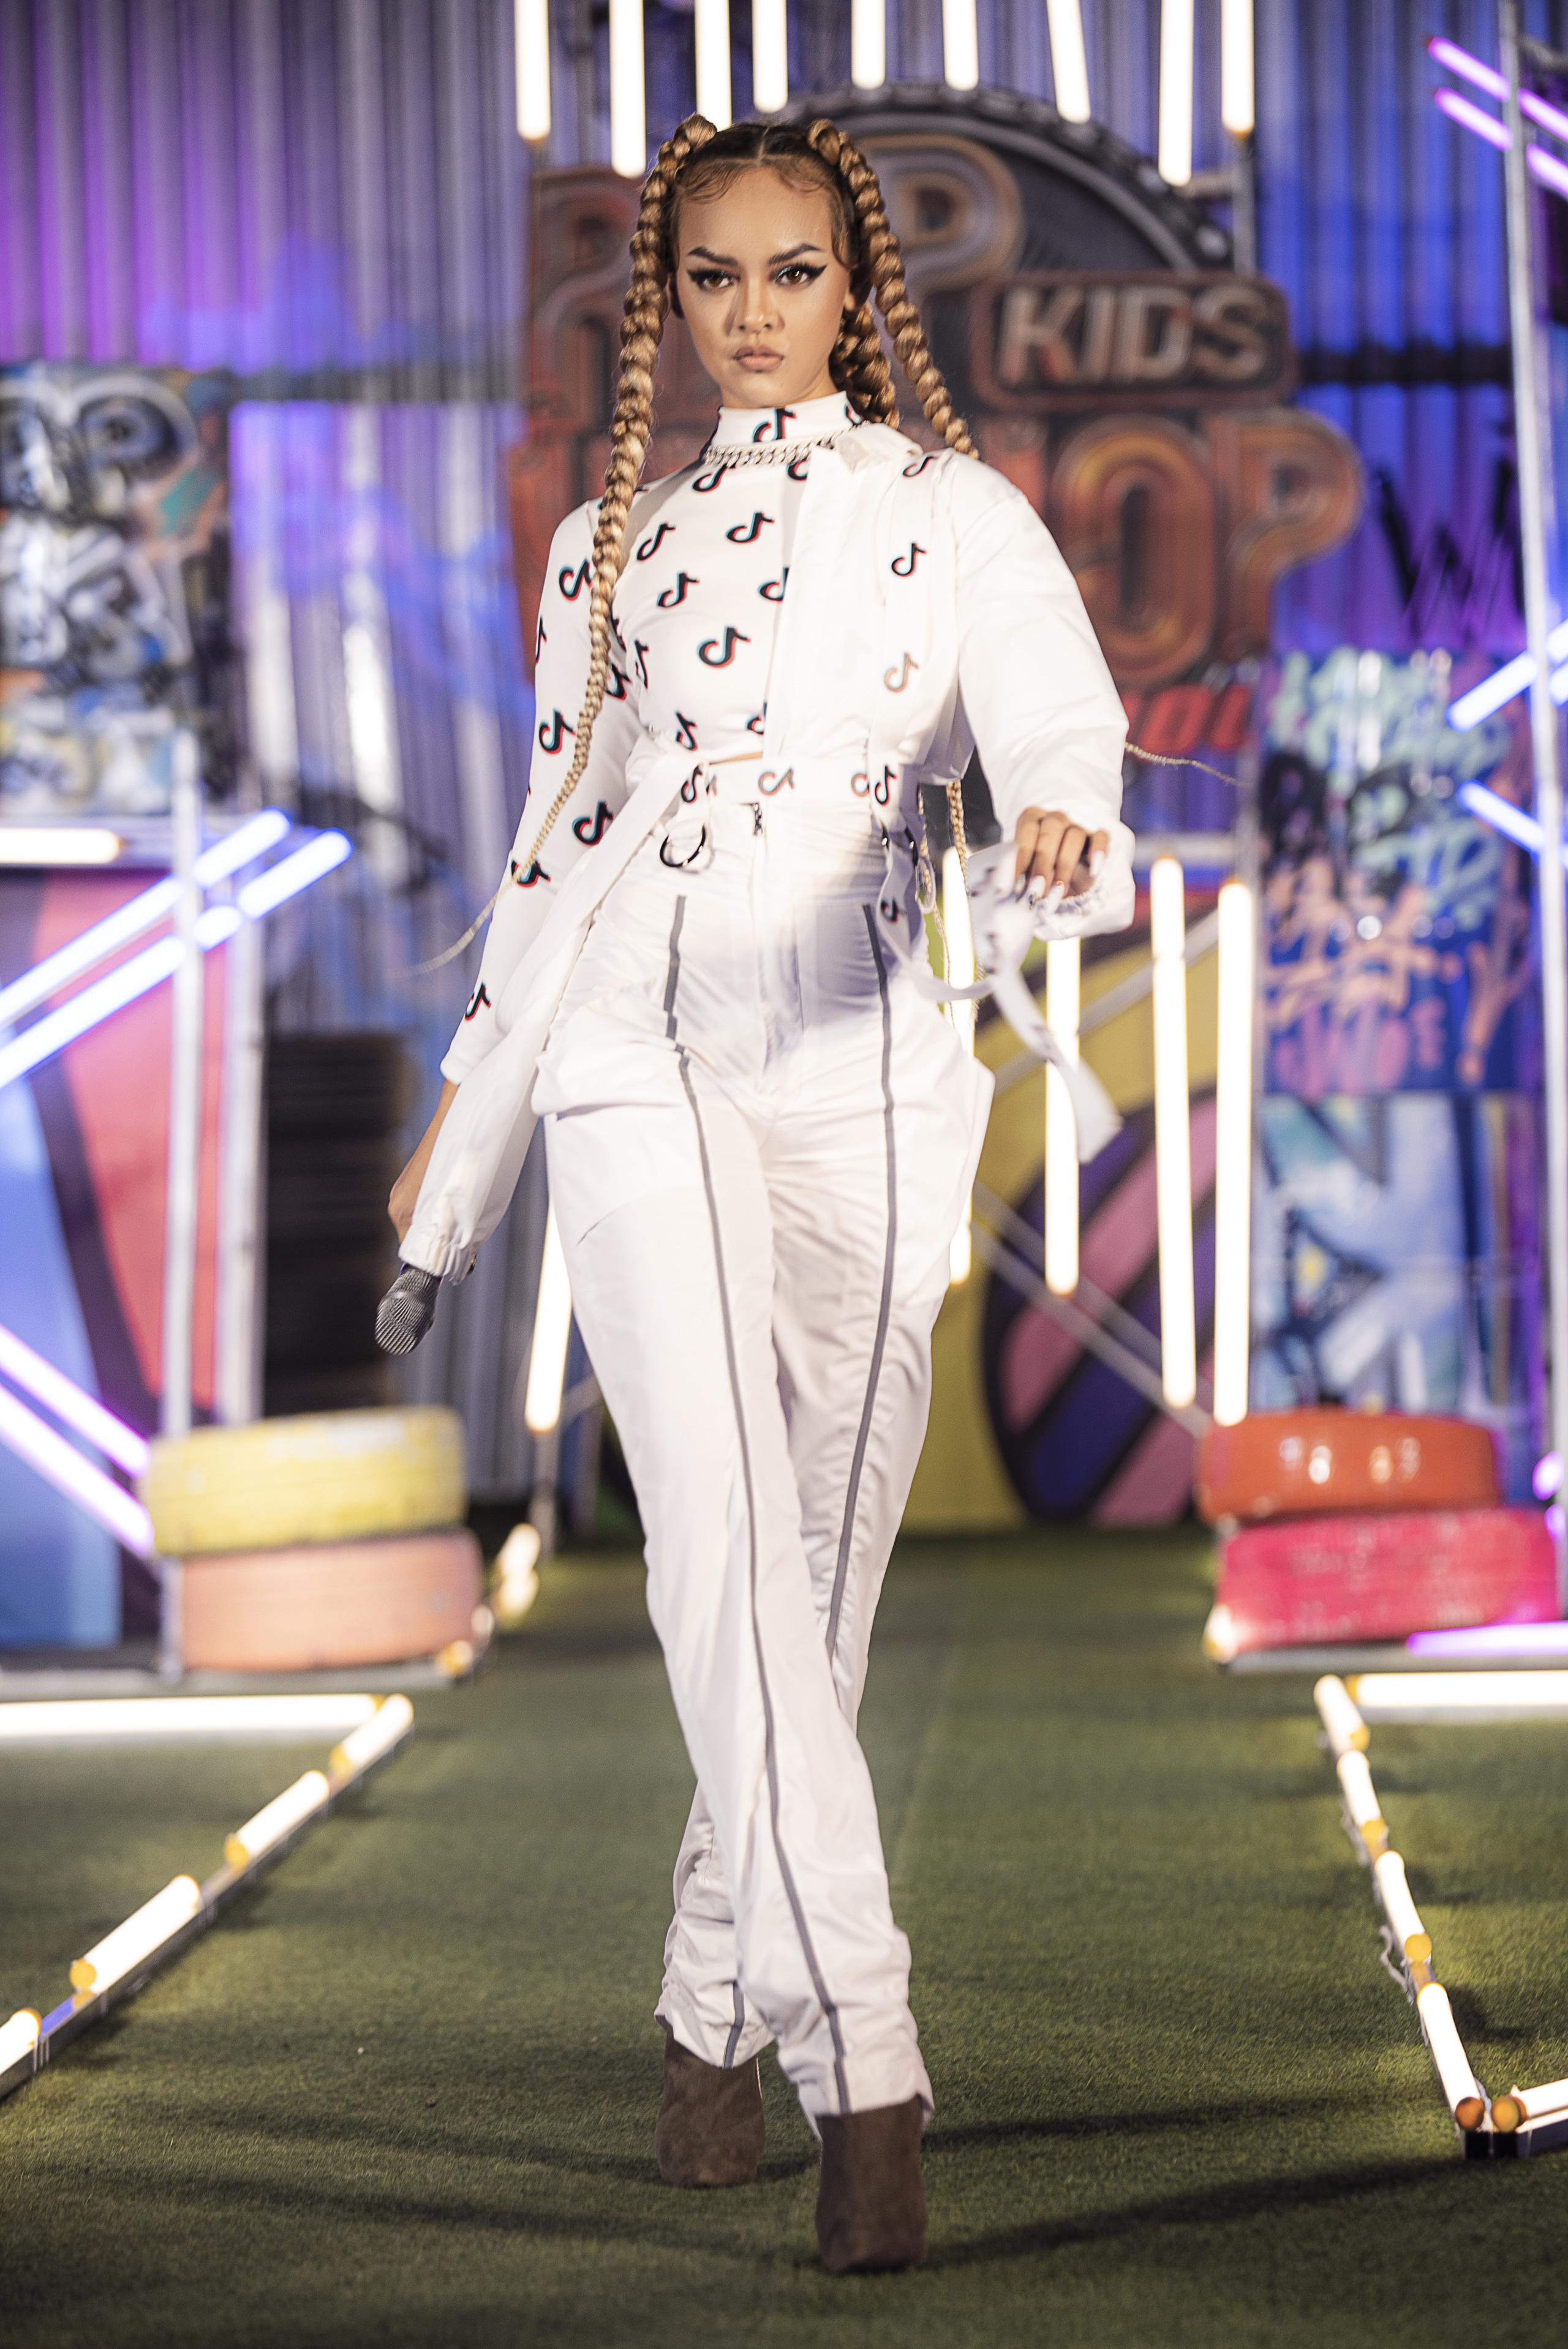 Lãnh Thanh chăm chú xem Nam Em catwalk, mẫu tây Anna lần đầu xuất hiện sau scandal đánh ghen  - Ảnh 5.